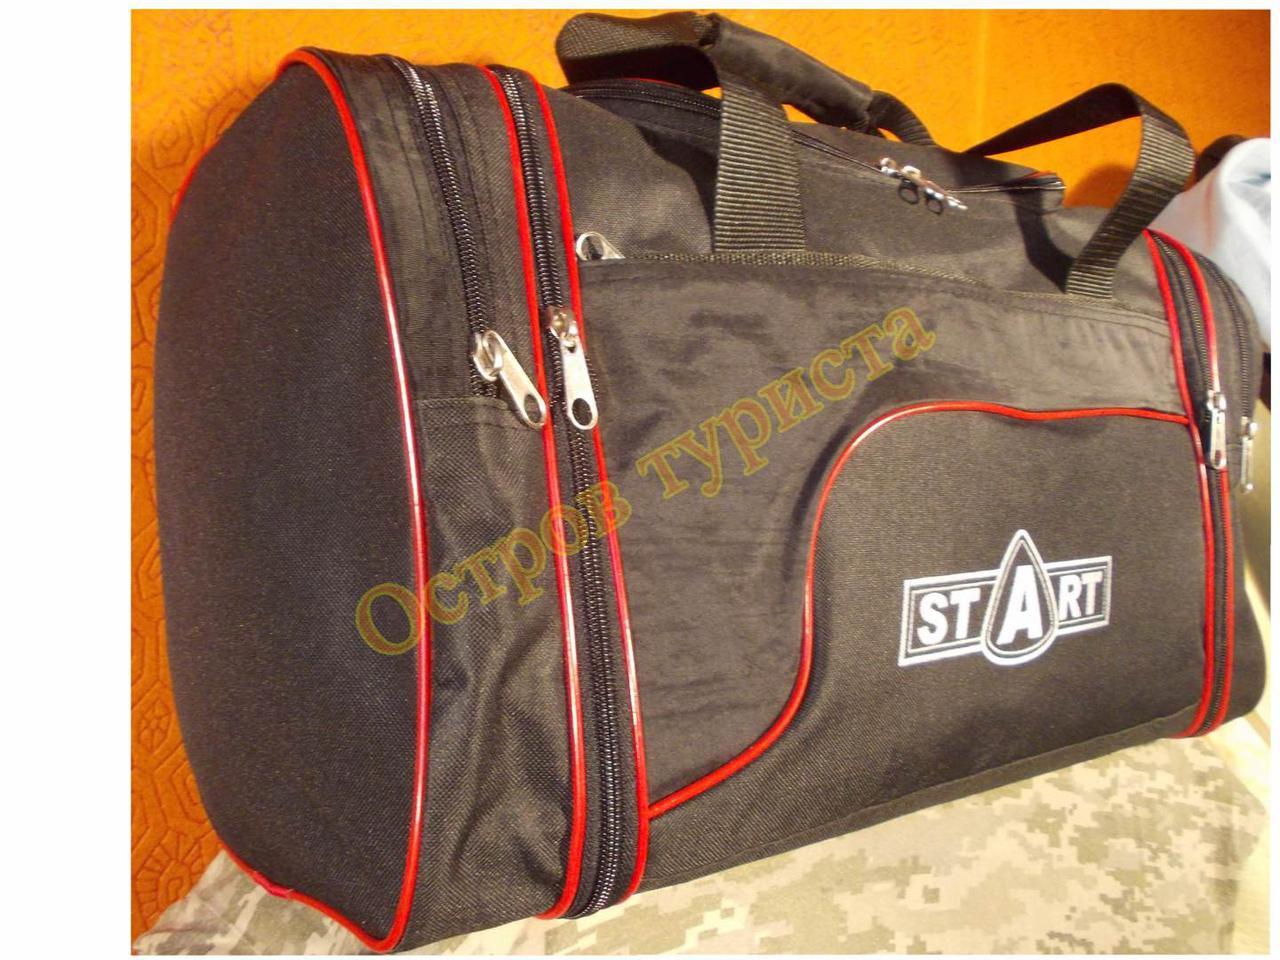 9352ffb58a2d Сумка спортивная дорожная Start 278 регулируемый объем черная с красны